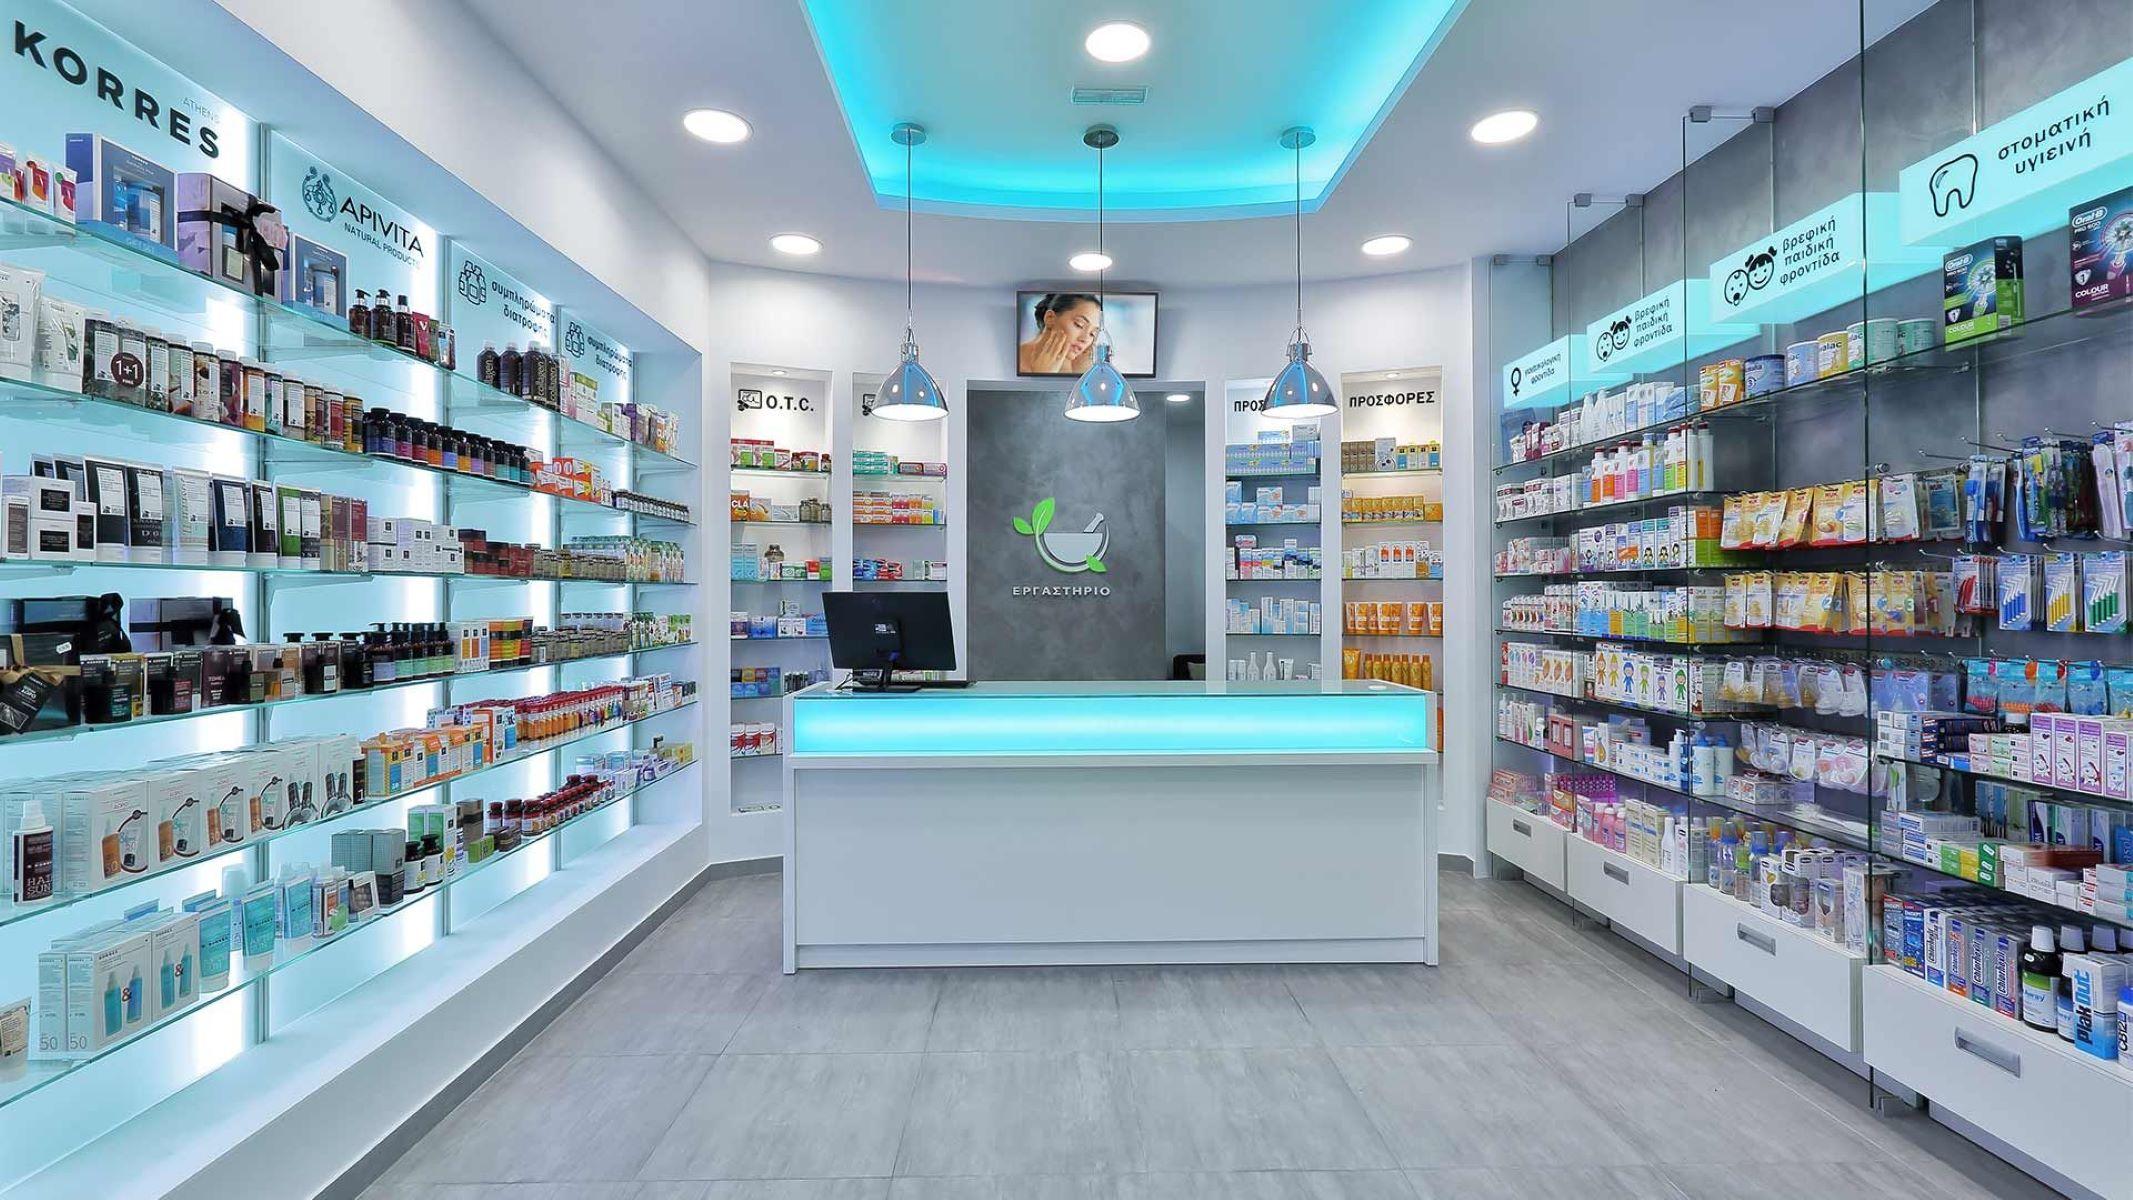 ΠΦΣ: Προτάσεις στον Υπουργό Υγείας για την διάθεση διαγνωστικών τεστ